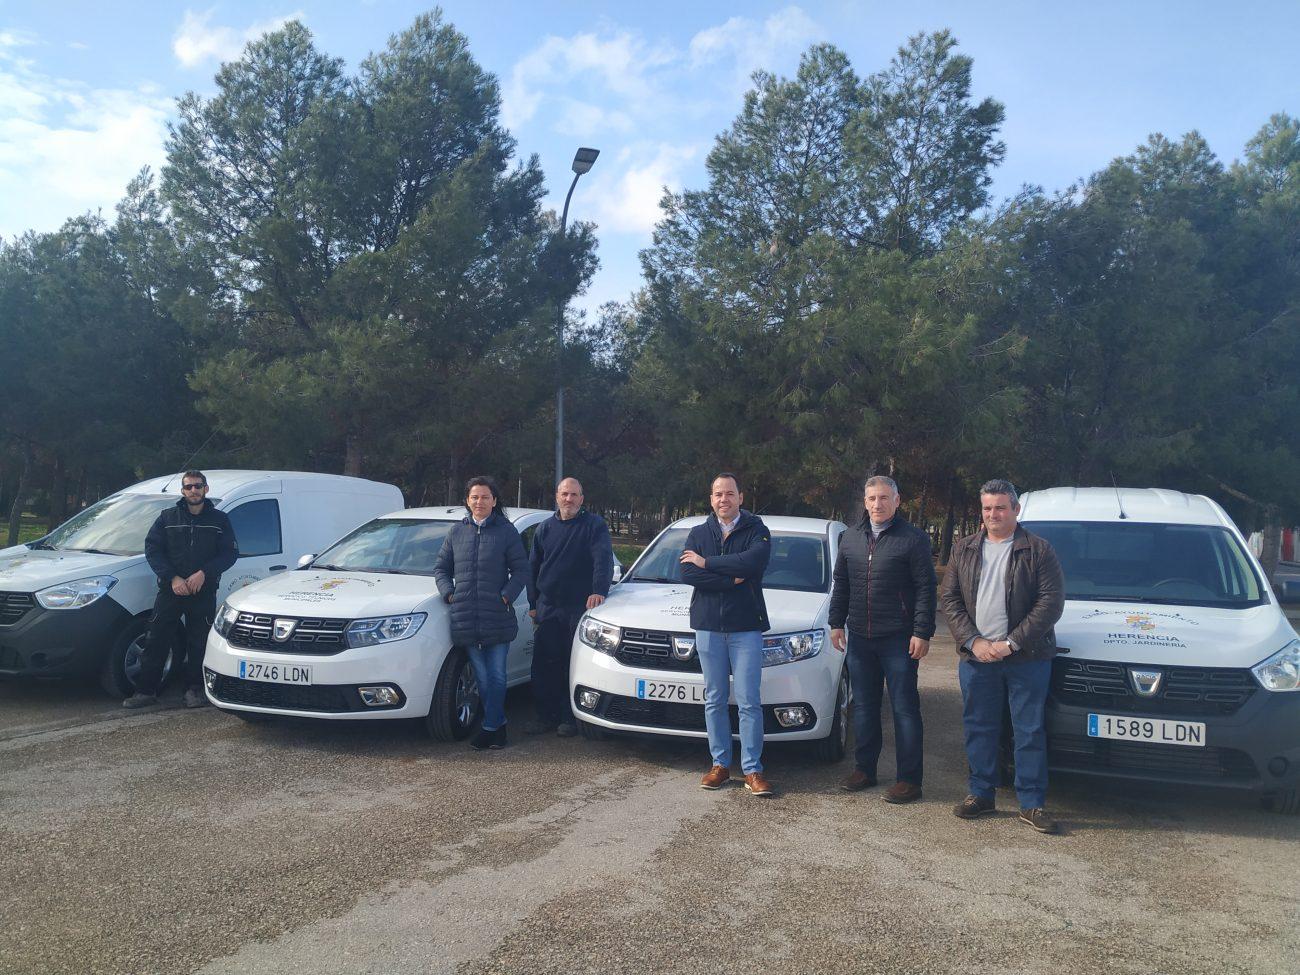 Veh%C3%ADculos del ayuntamiento de Herencia - Cuatro nuevos vehículos mejoran el parque móvil del Ayuntamiento de Herencia